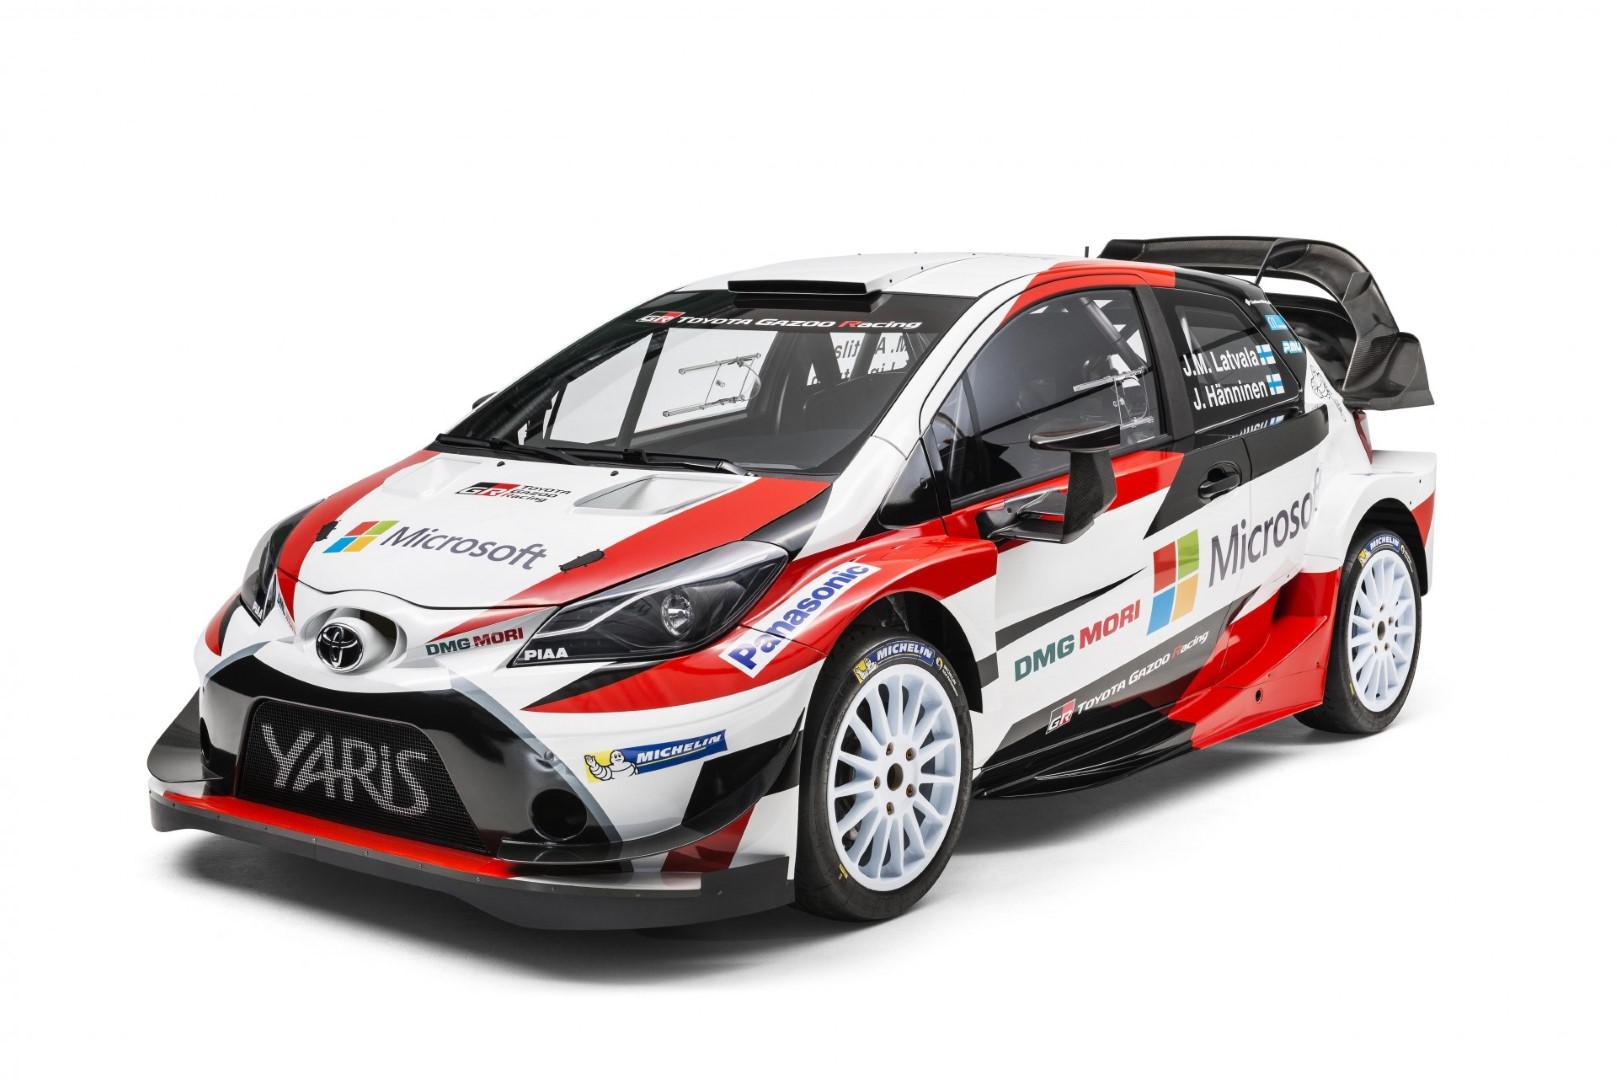 Jari-Matti Latvala sera au commande de la Toyota Yaris wrc 2017